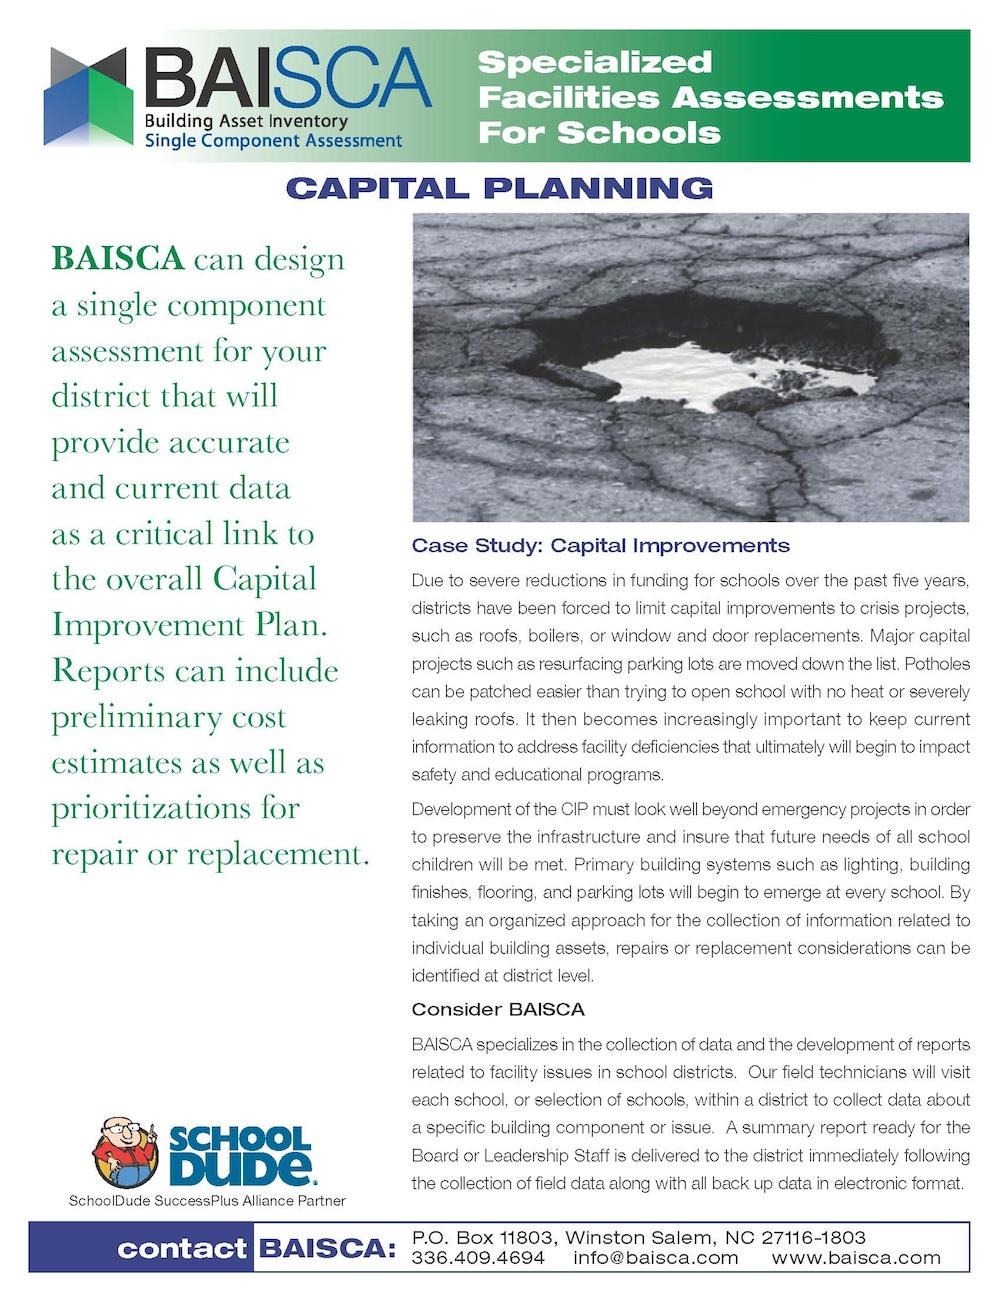 BAISCA_Cap Planning_1000